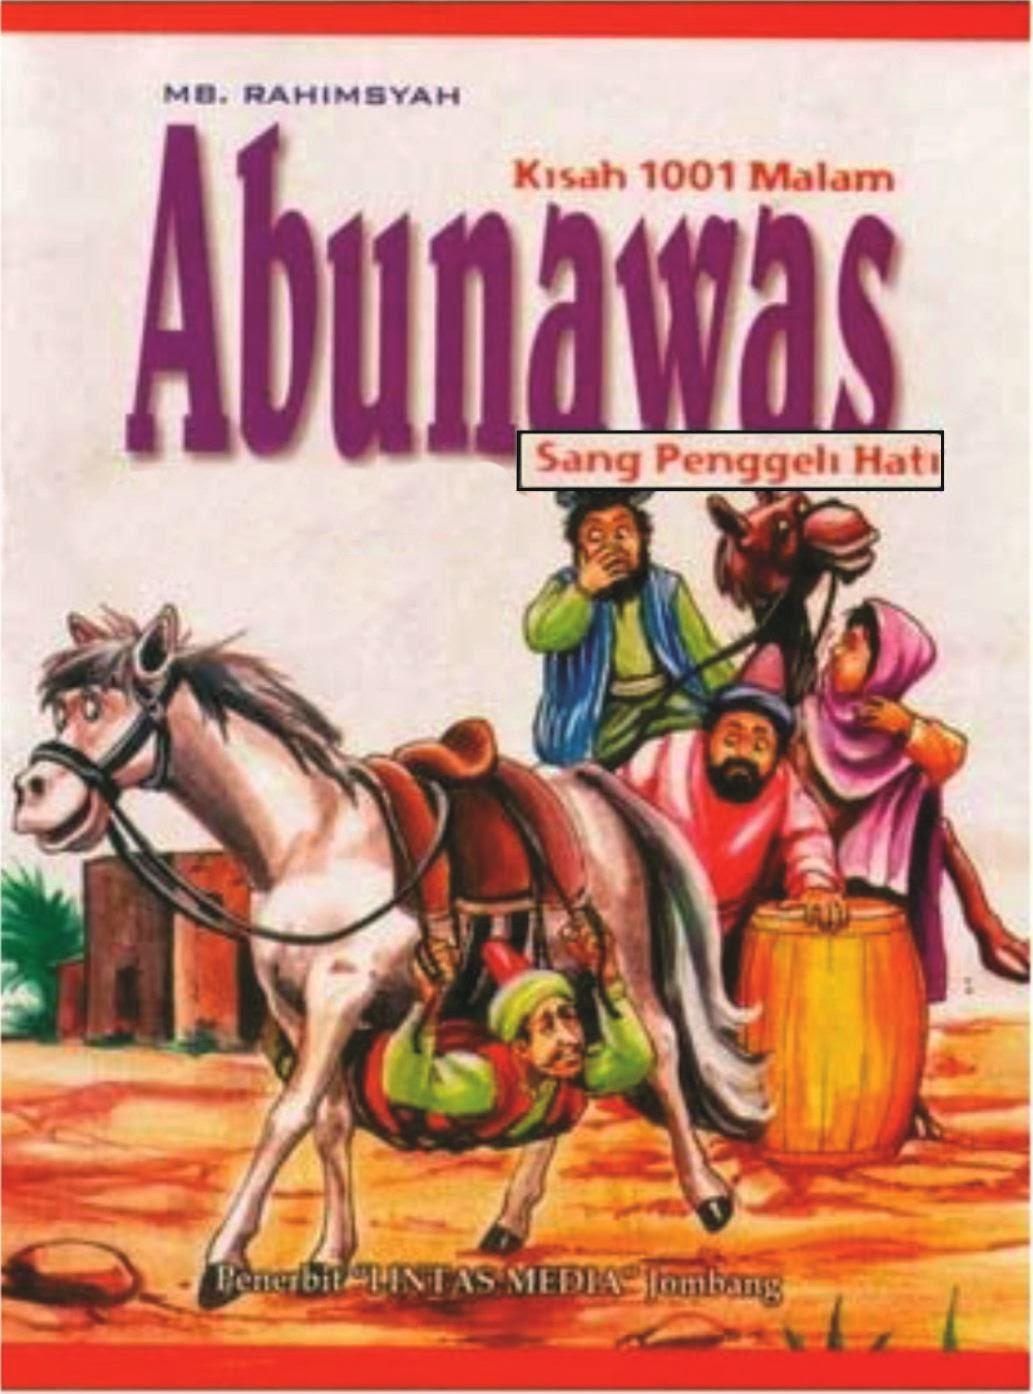 Download Dan Baca Novel Abu Nawas Sang Penggeli Hati Karya Mb Rahimsyah Kumpulan Materi